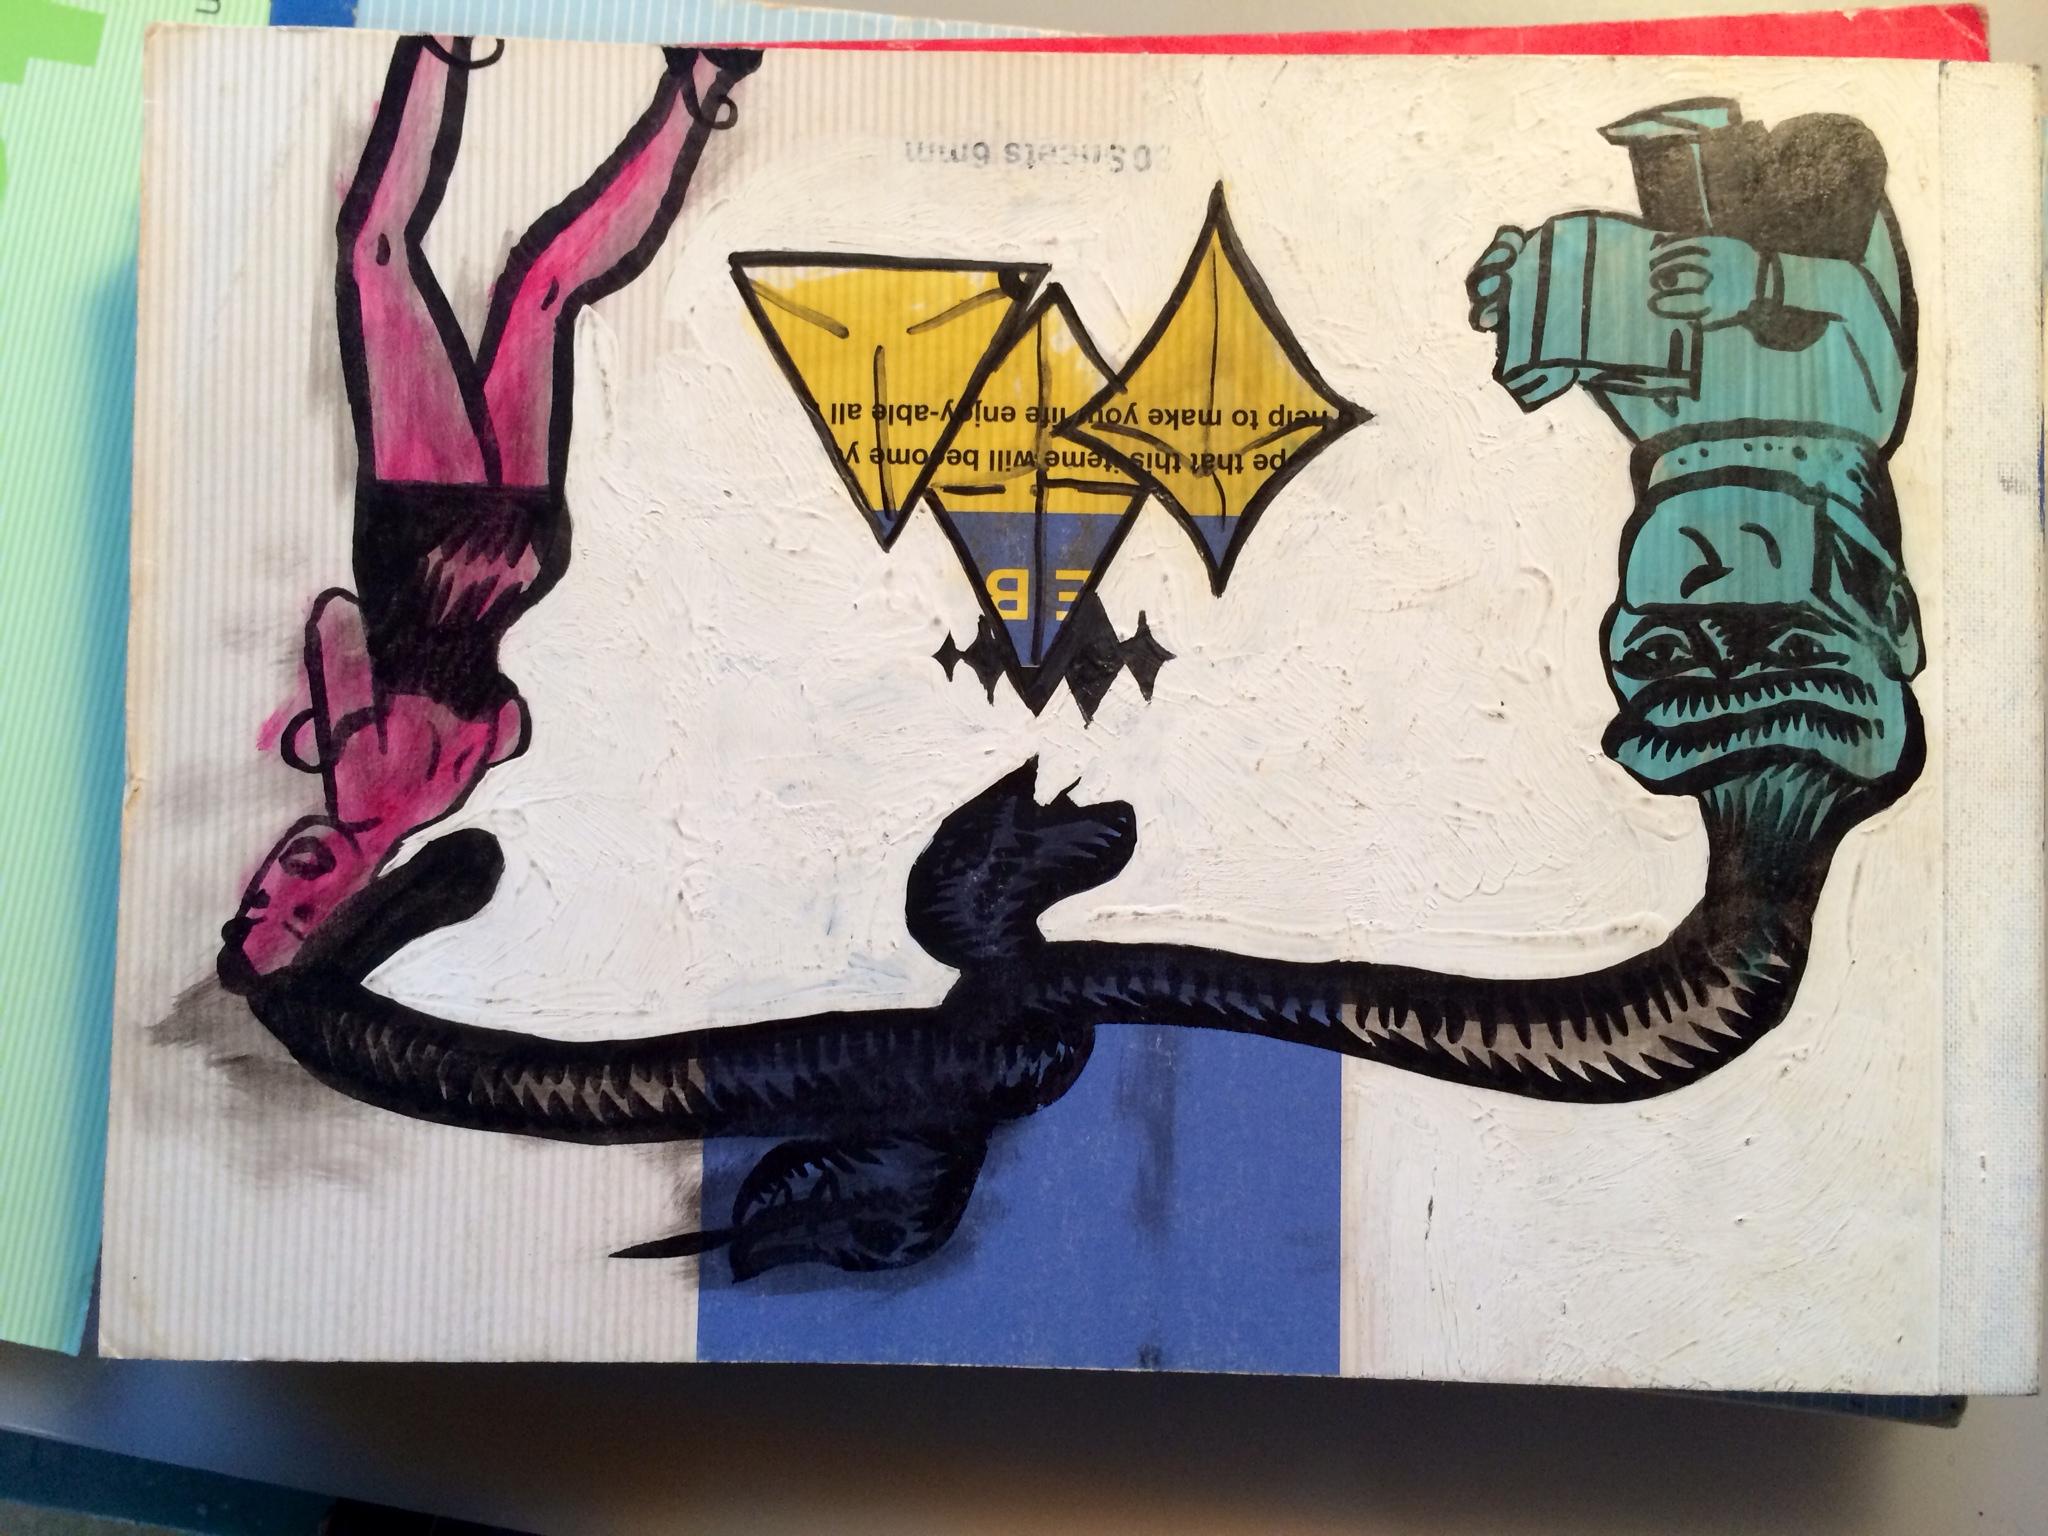 『ロビン西の描き捨てノートマンガ2004ー2014』第4回